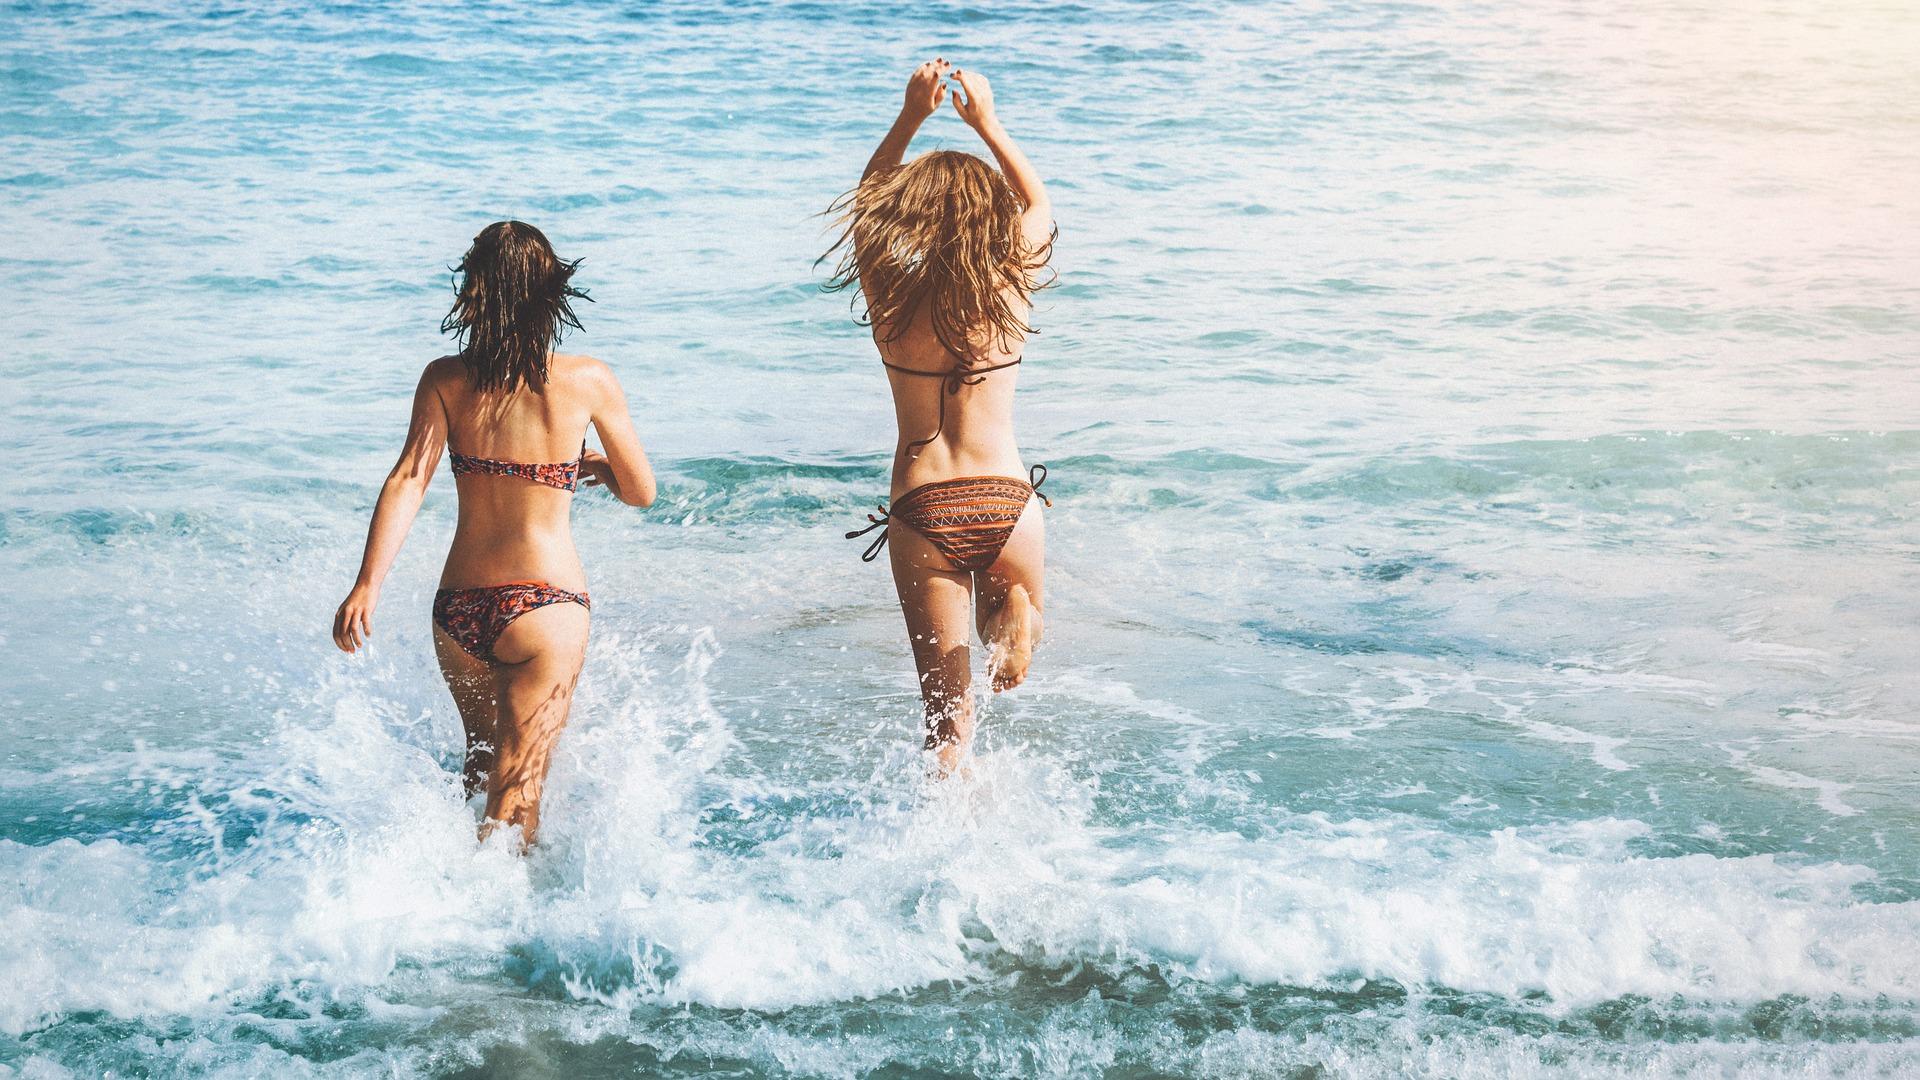 Siete-trucos-para-desconectar-en-vacaciones